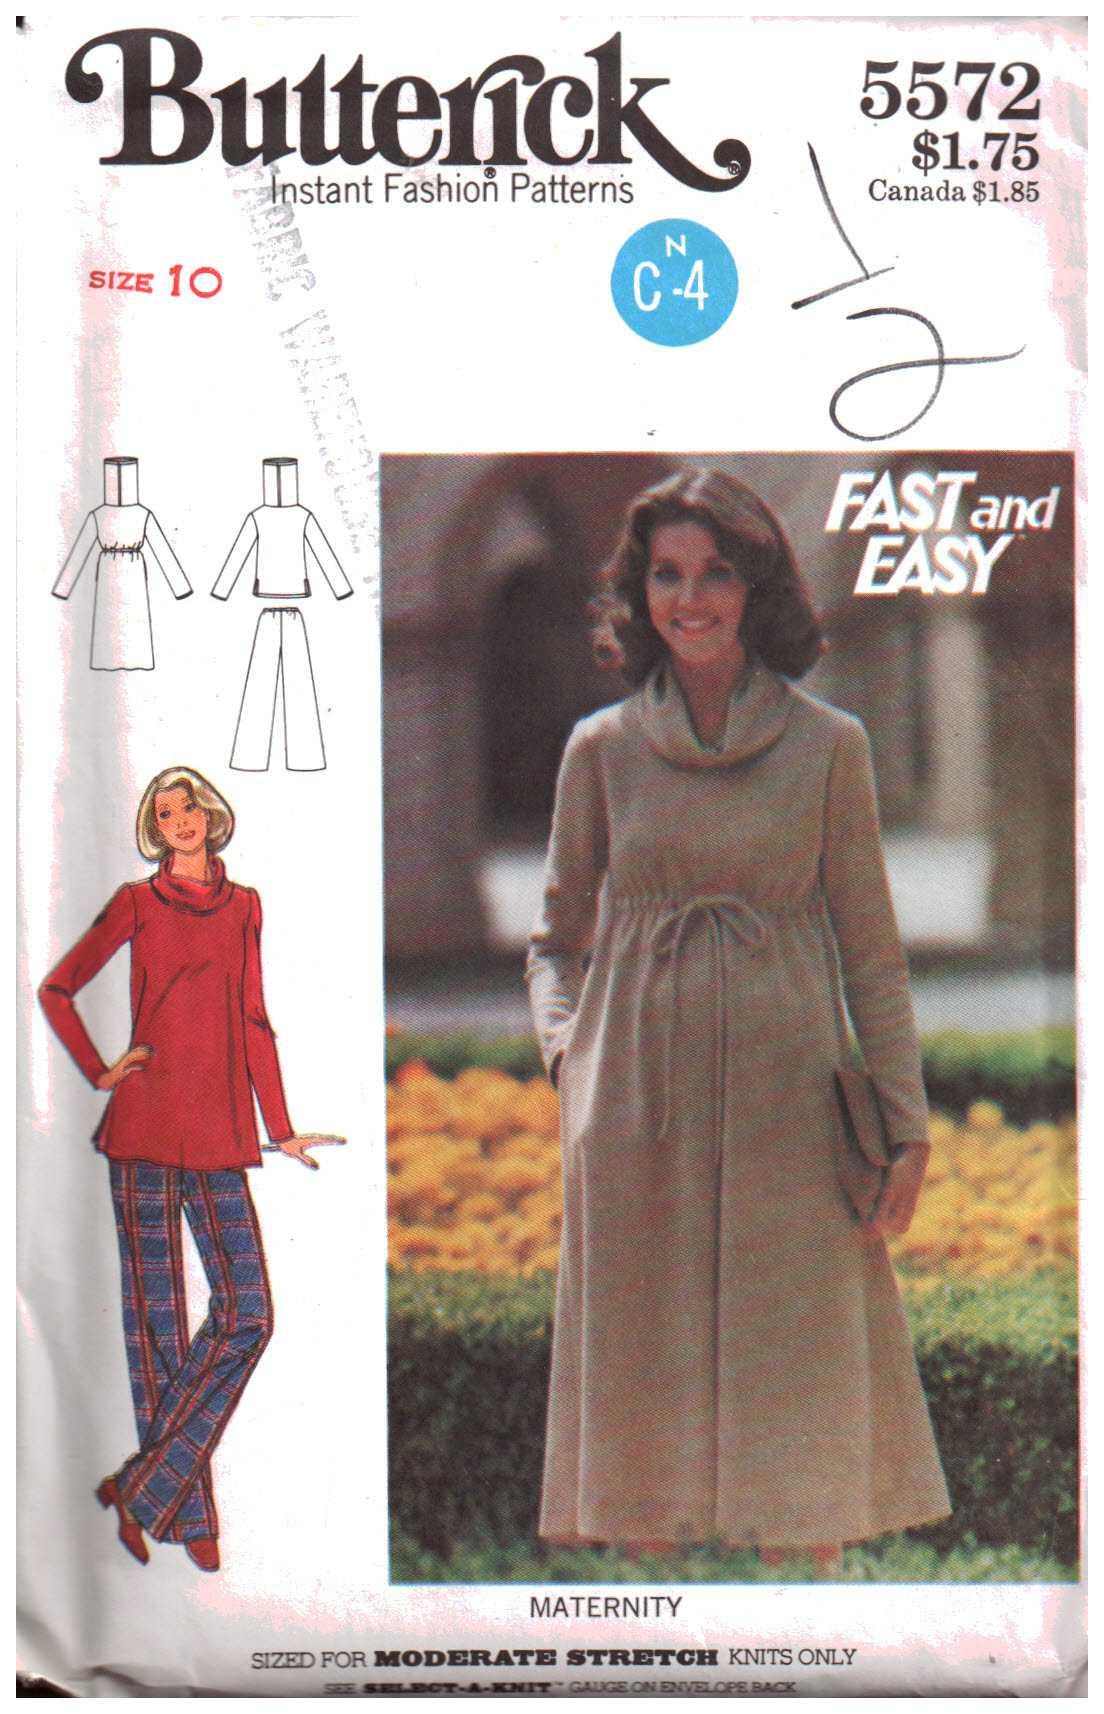 d140dc8d1d92e Butterick 5572 Maternity Dress, Top, Pants Size: 10 Uncut Sewing Pattern